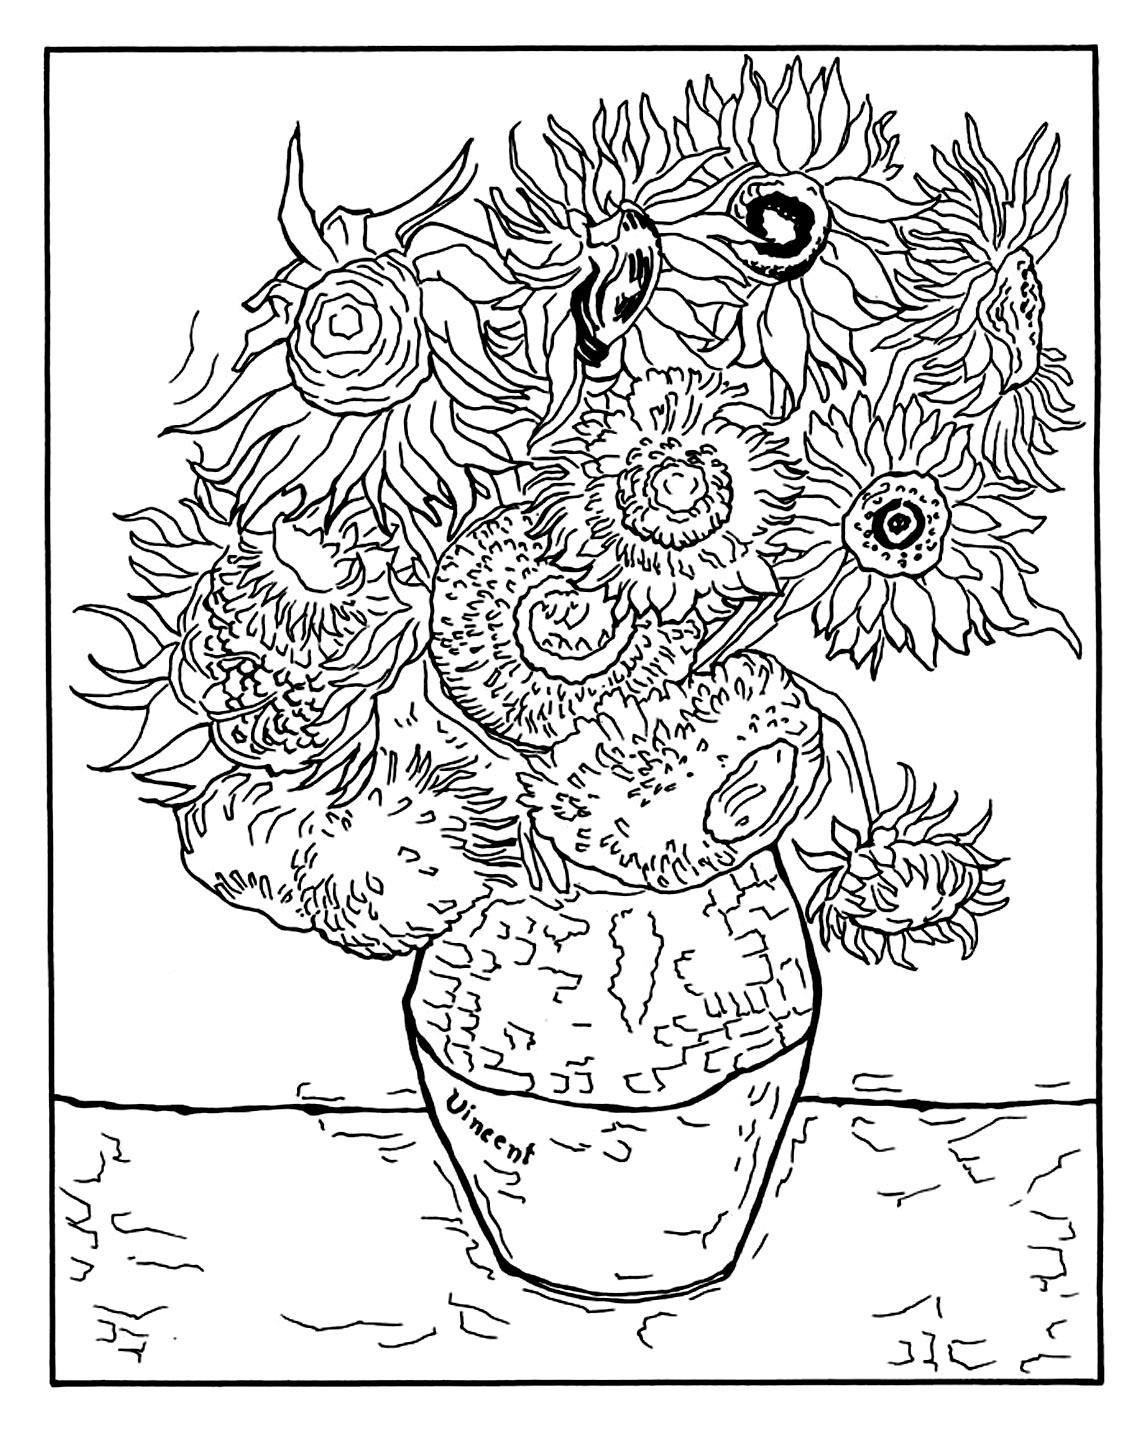 Obra de arte 69953 - Obra de arte - Colorear para Adultos